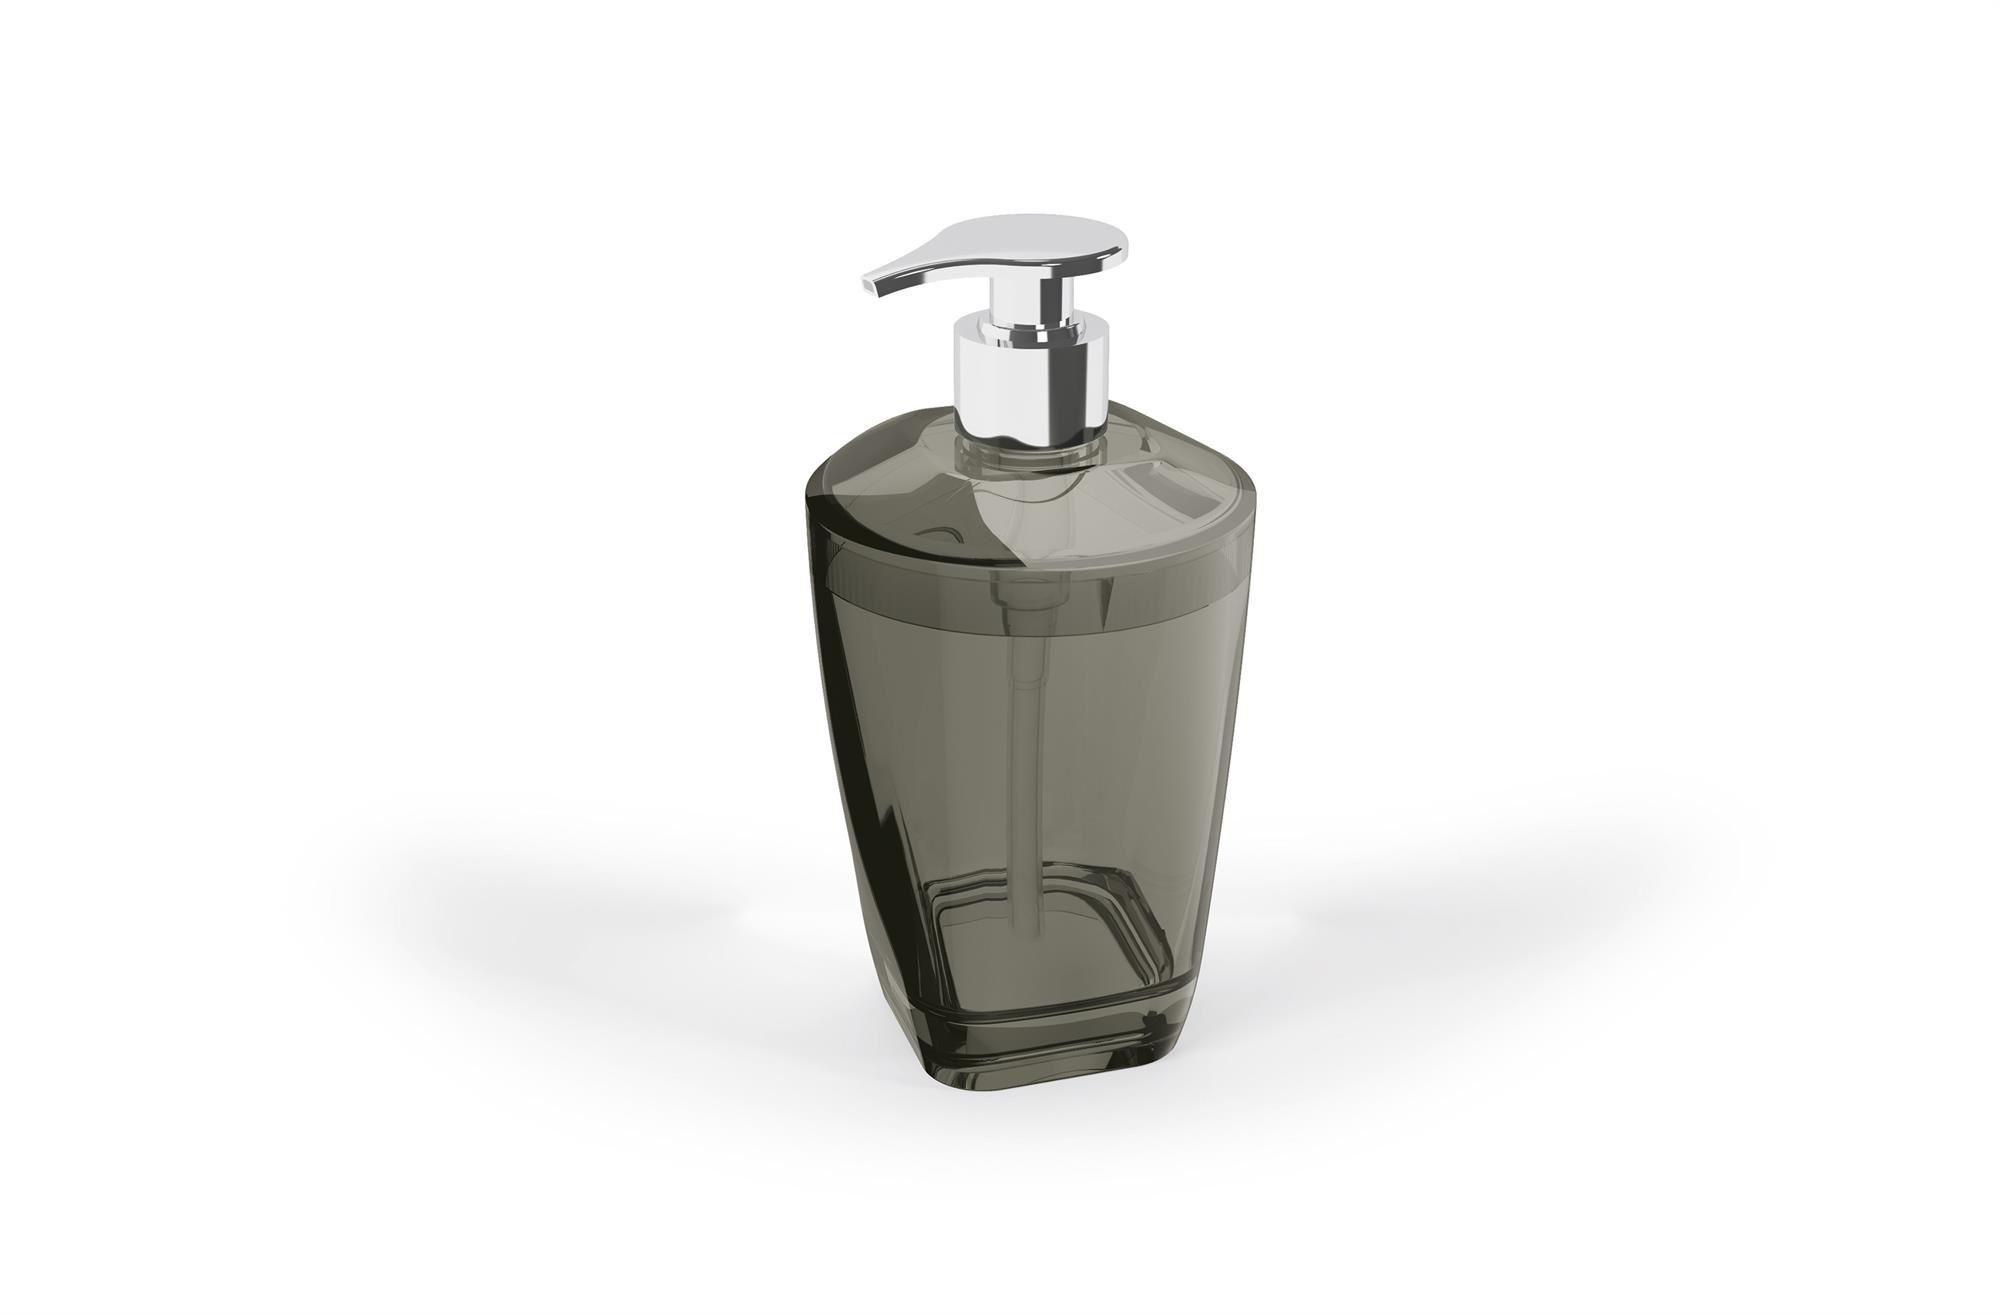 Kit Higiene Banheiro 4 Peças Porta Escova Sabonete Líquido Porta Algodão E Saboneteira Premium Uz Preto